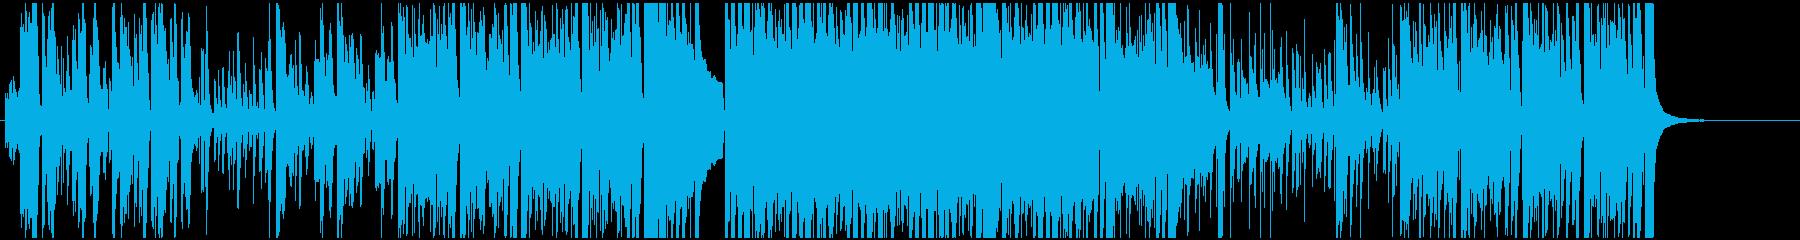 勢いのある幻想的なピアノとドラムの楽曲の再生済みの波形